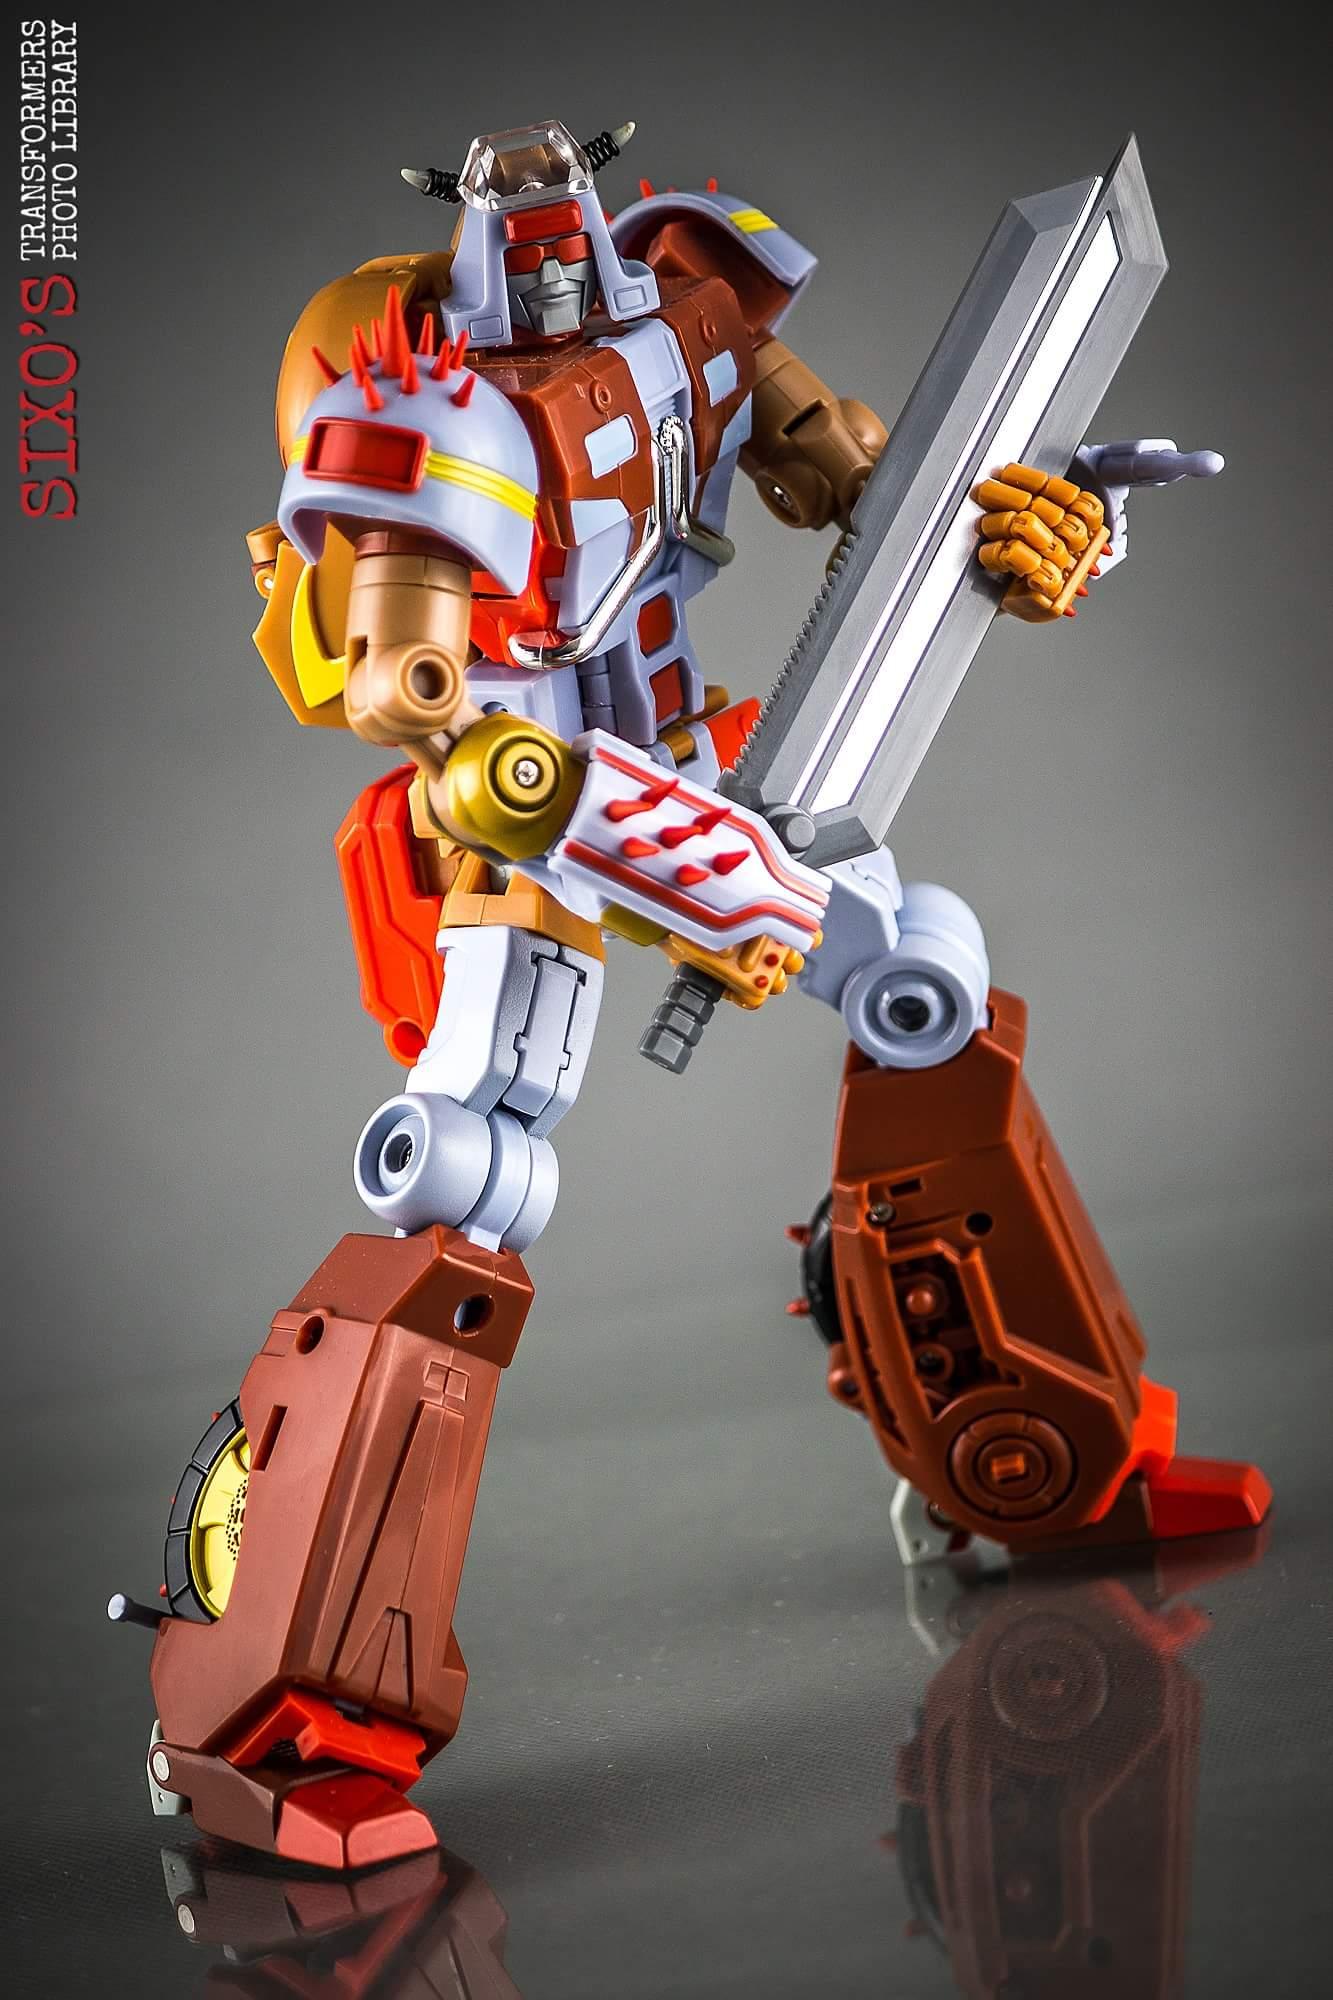 [KFC Toys] Produit Tiers - Jouets Crash Hog (aka Wreck-gar/Ferraille), Dumpyard (aka Junkyard/Décharge) et autres Junkions/Ferrailleurs - Page 2 2iud2nGg